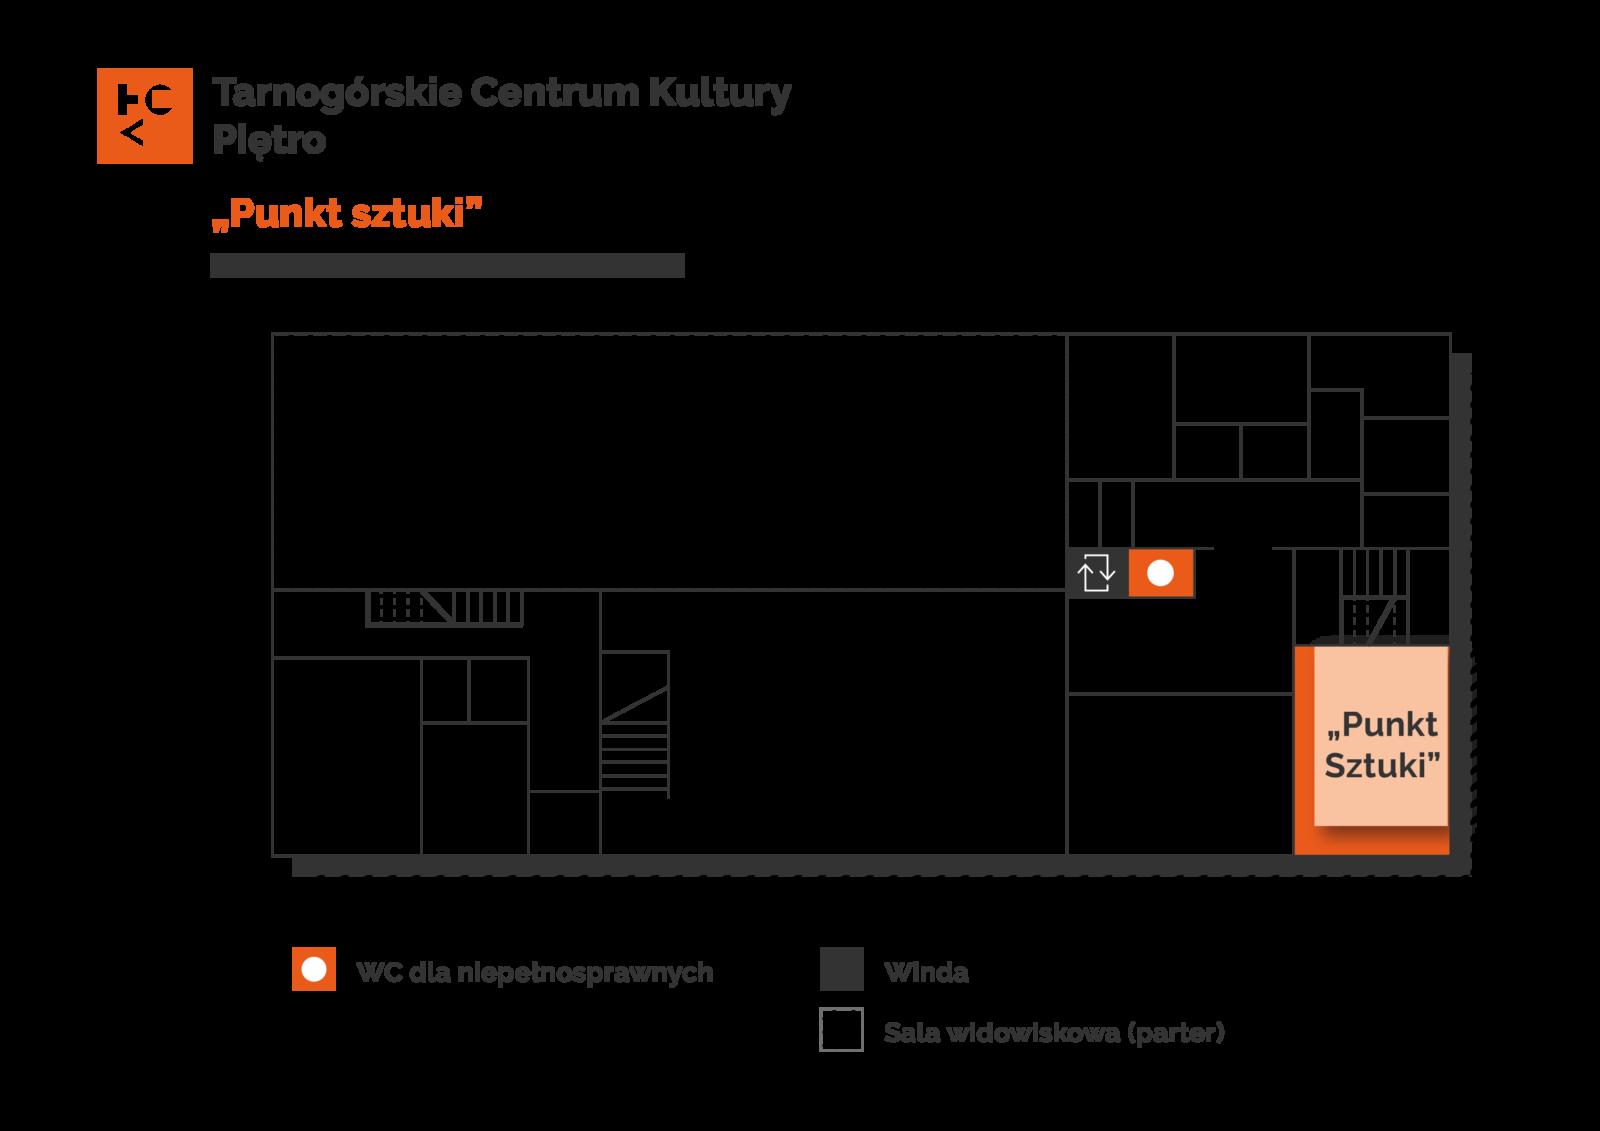 Grafika przedstawia plan pierwszego piętra budynku TCK z zaznaczeniem